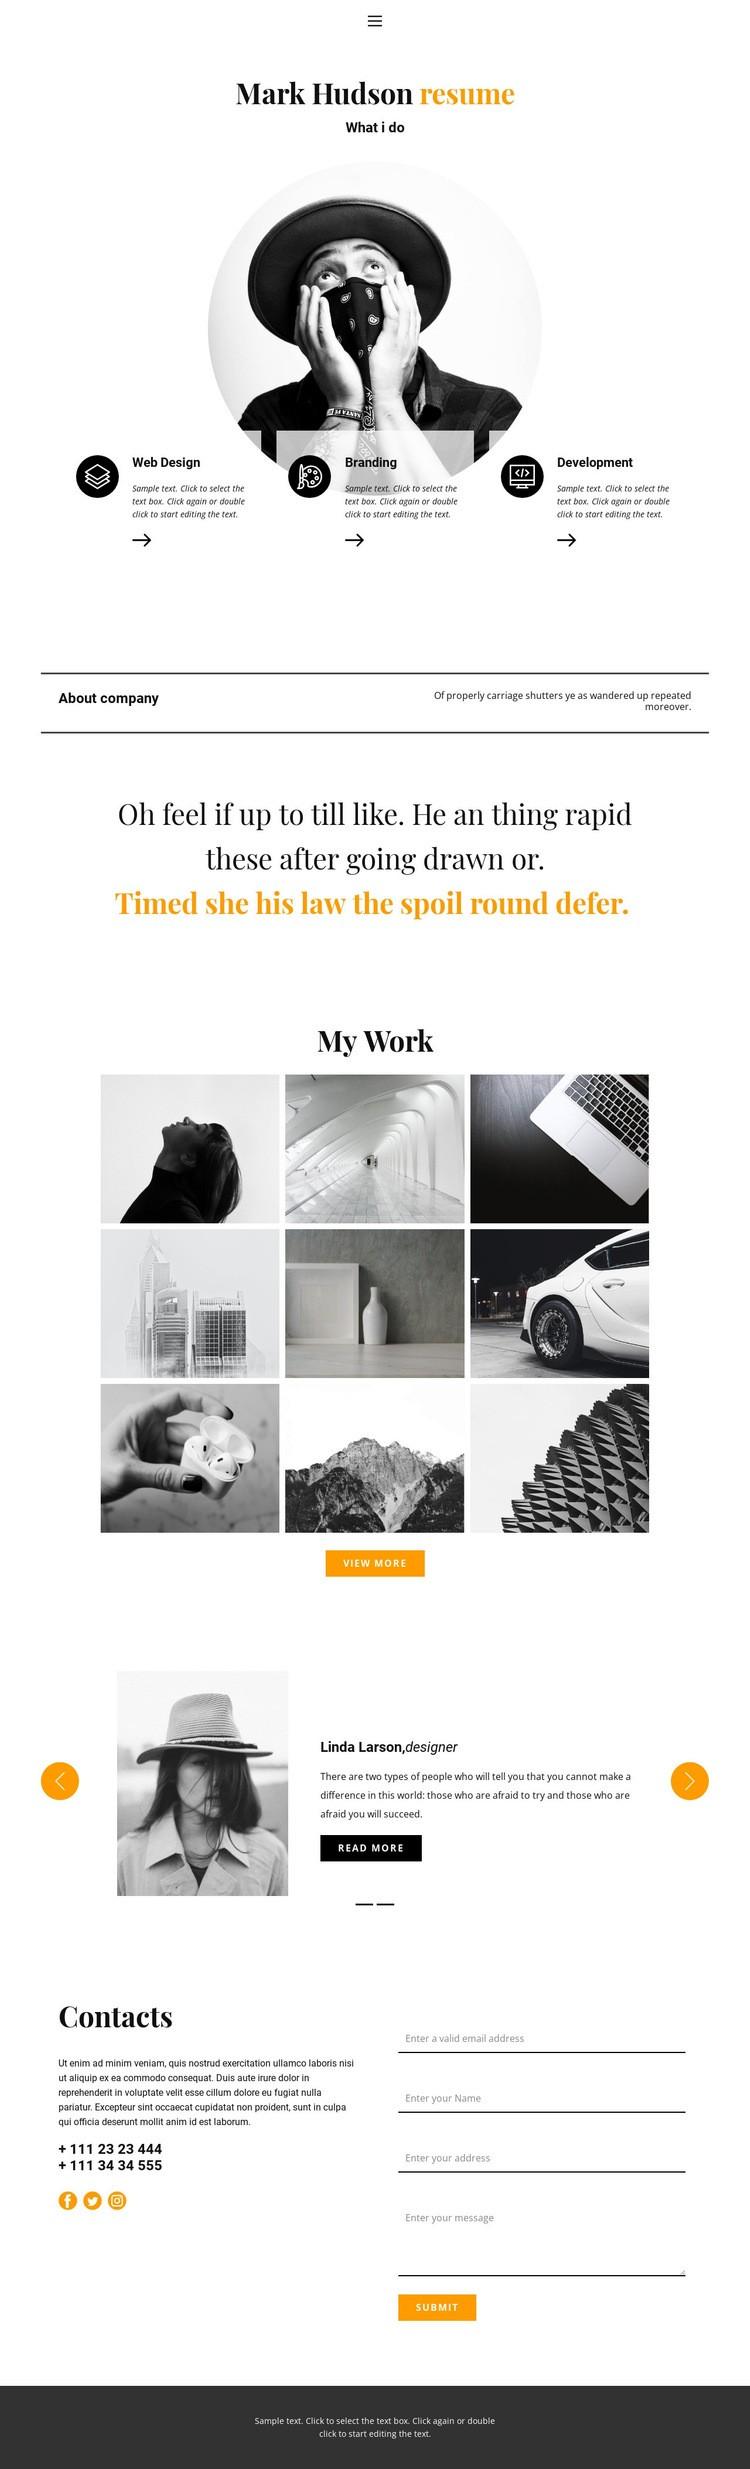 Web designer resume Web Page Design